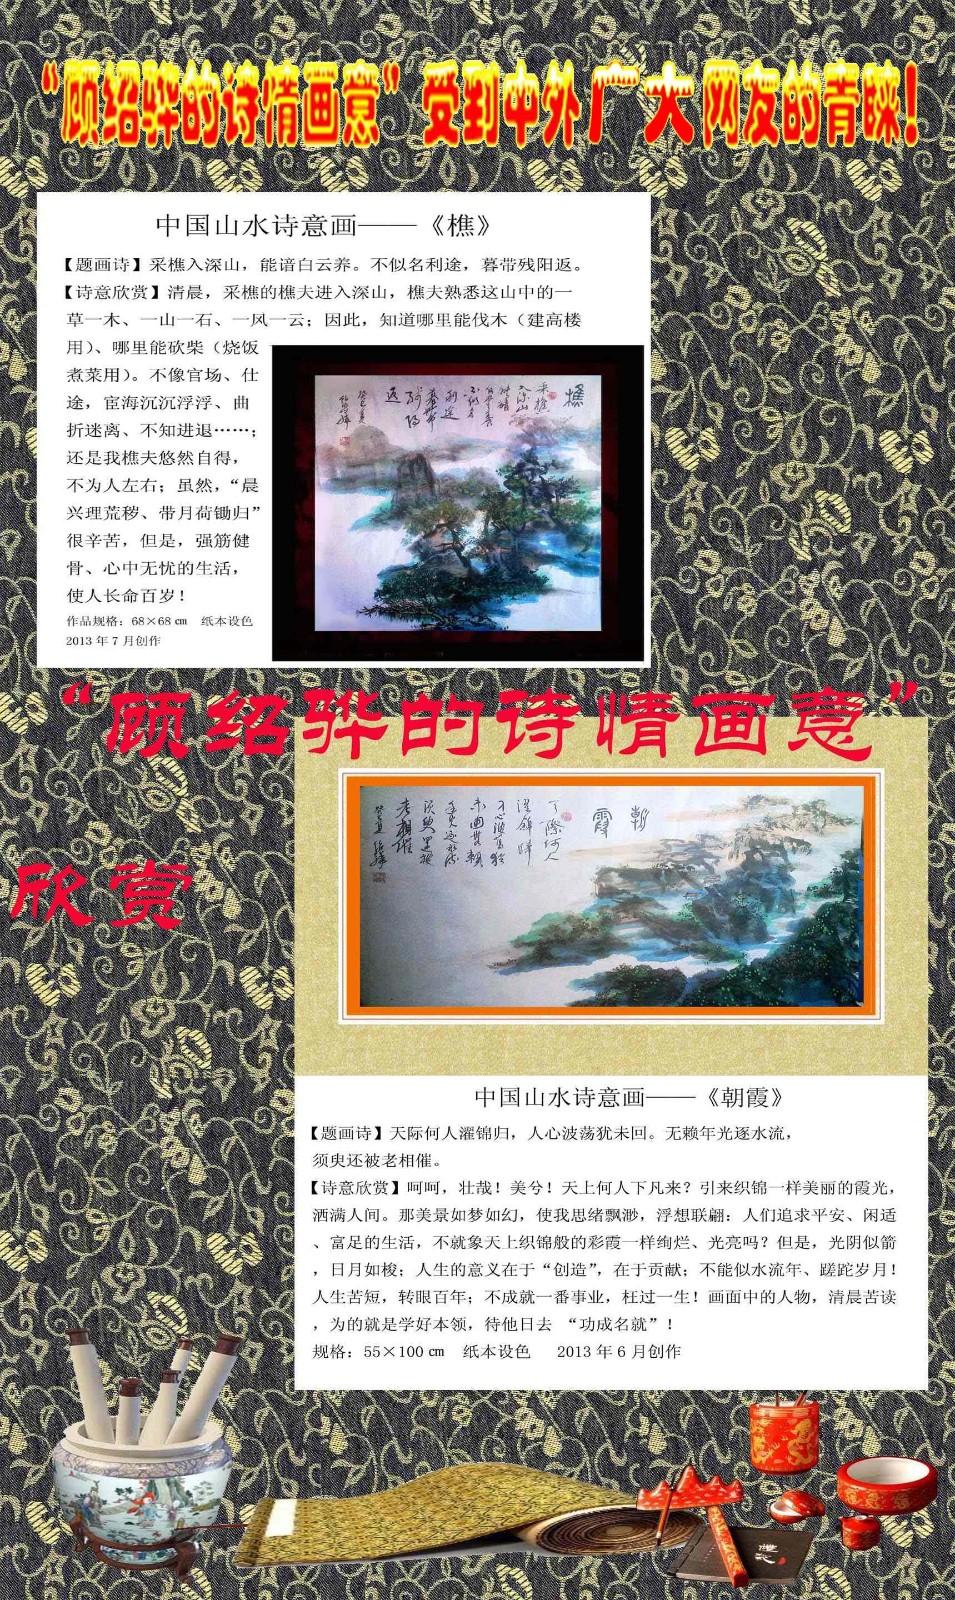 顾绍骅在中国画方面作出的一点贡献_图1-27